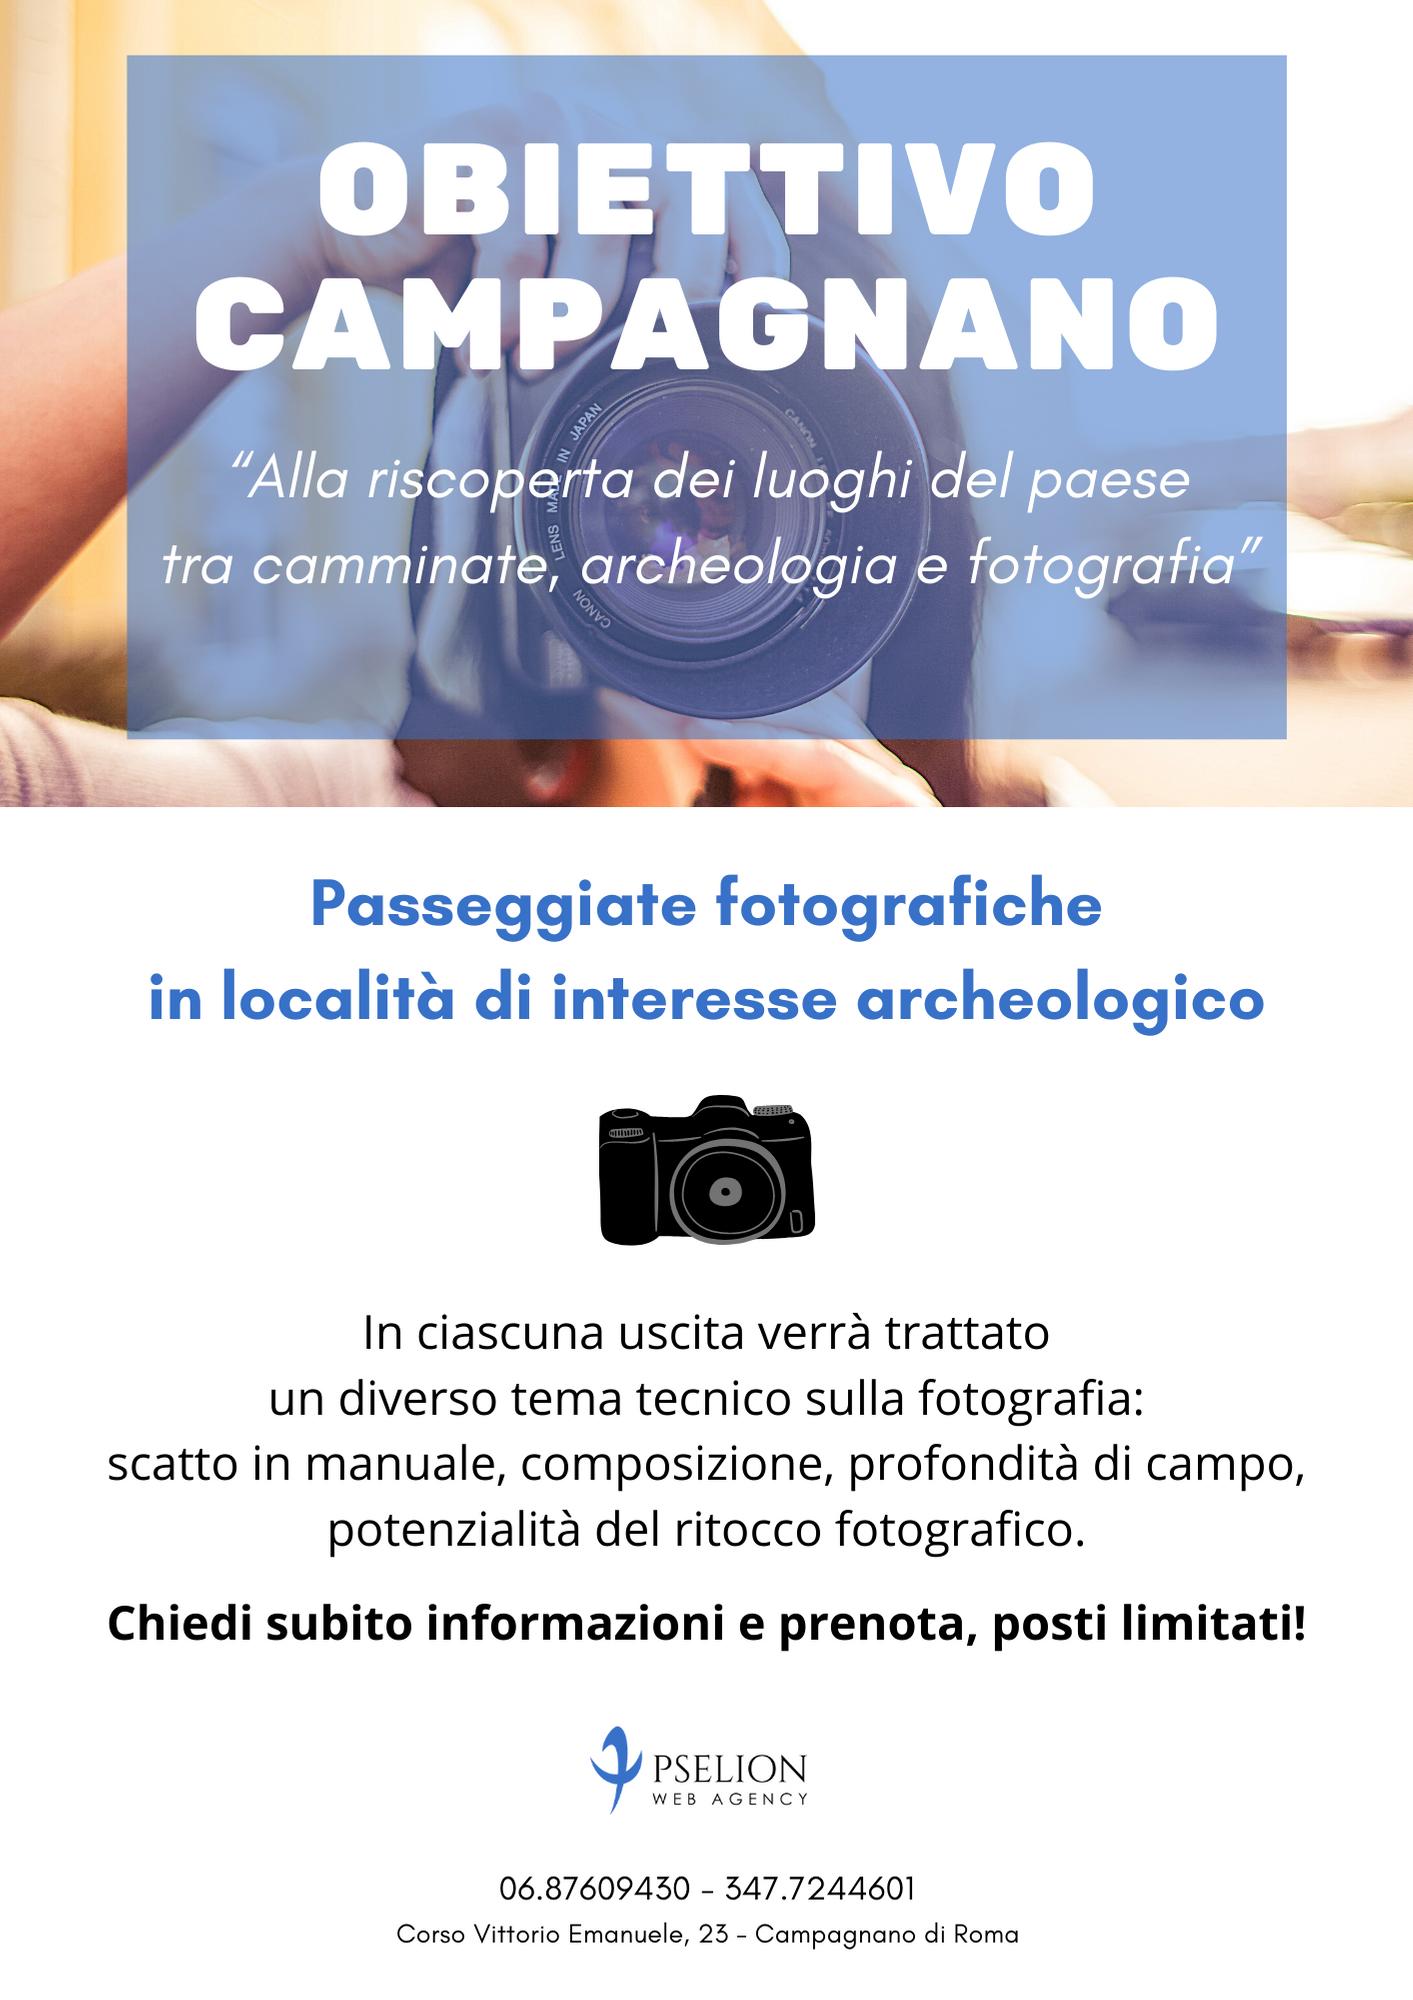 Locandina Passeggiate fotografiche a Campagnano di Roma organizzate da Pselion Web Agency